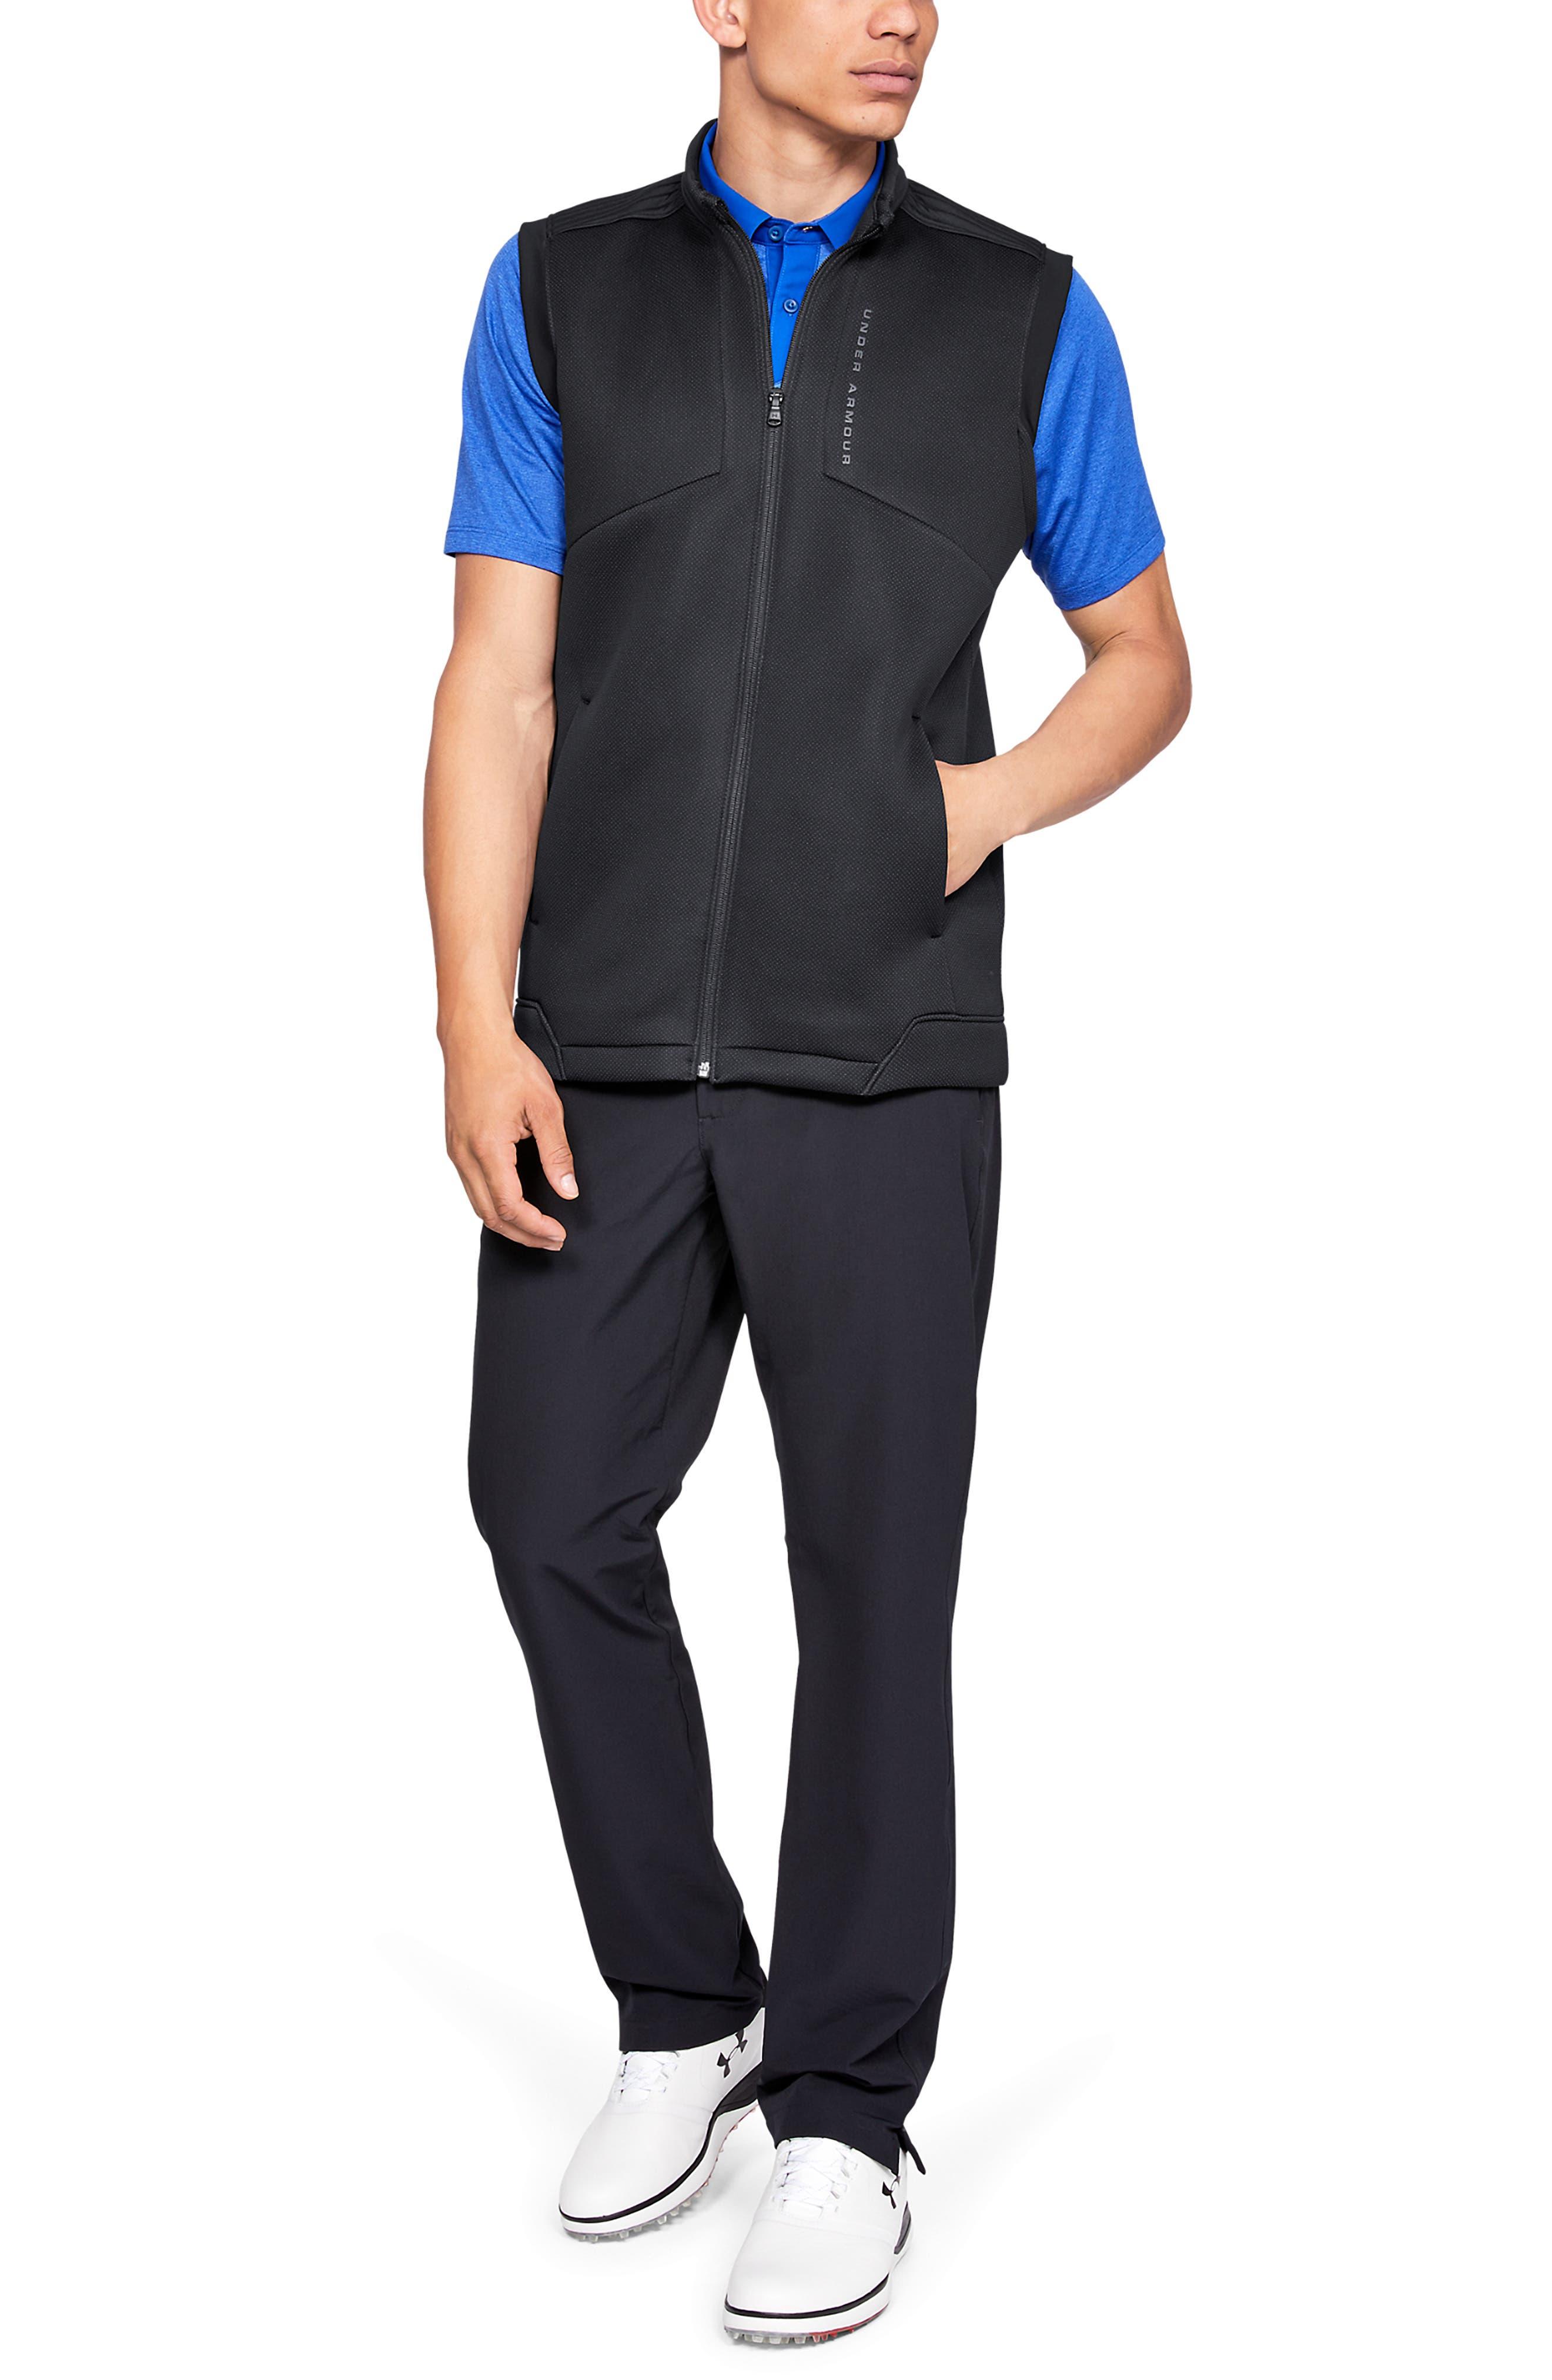 Storm Daytona Vest,                             Alternate thumbnail 4, color,                             BLACK/ BLACK/ BLACK